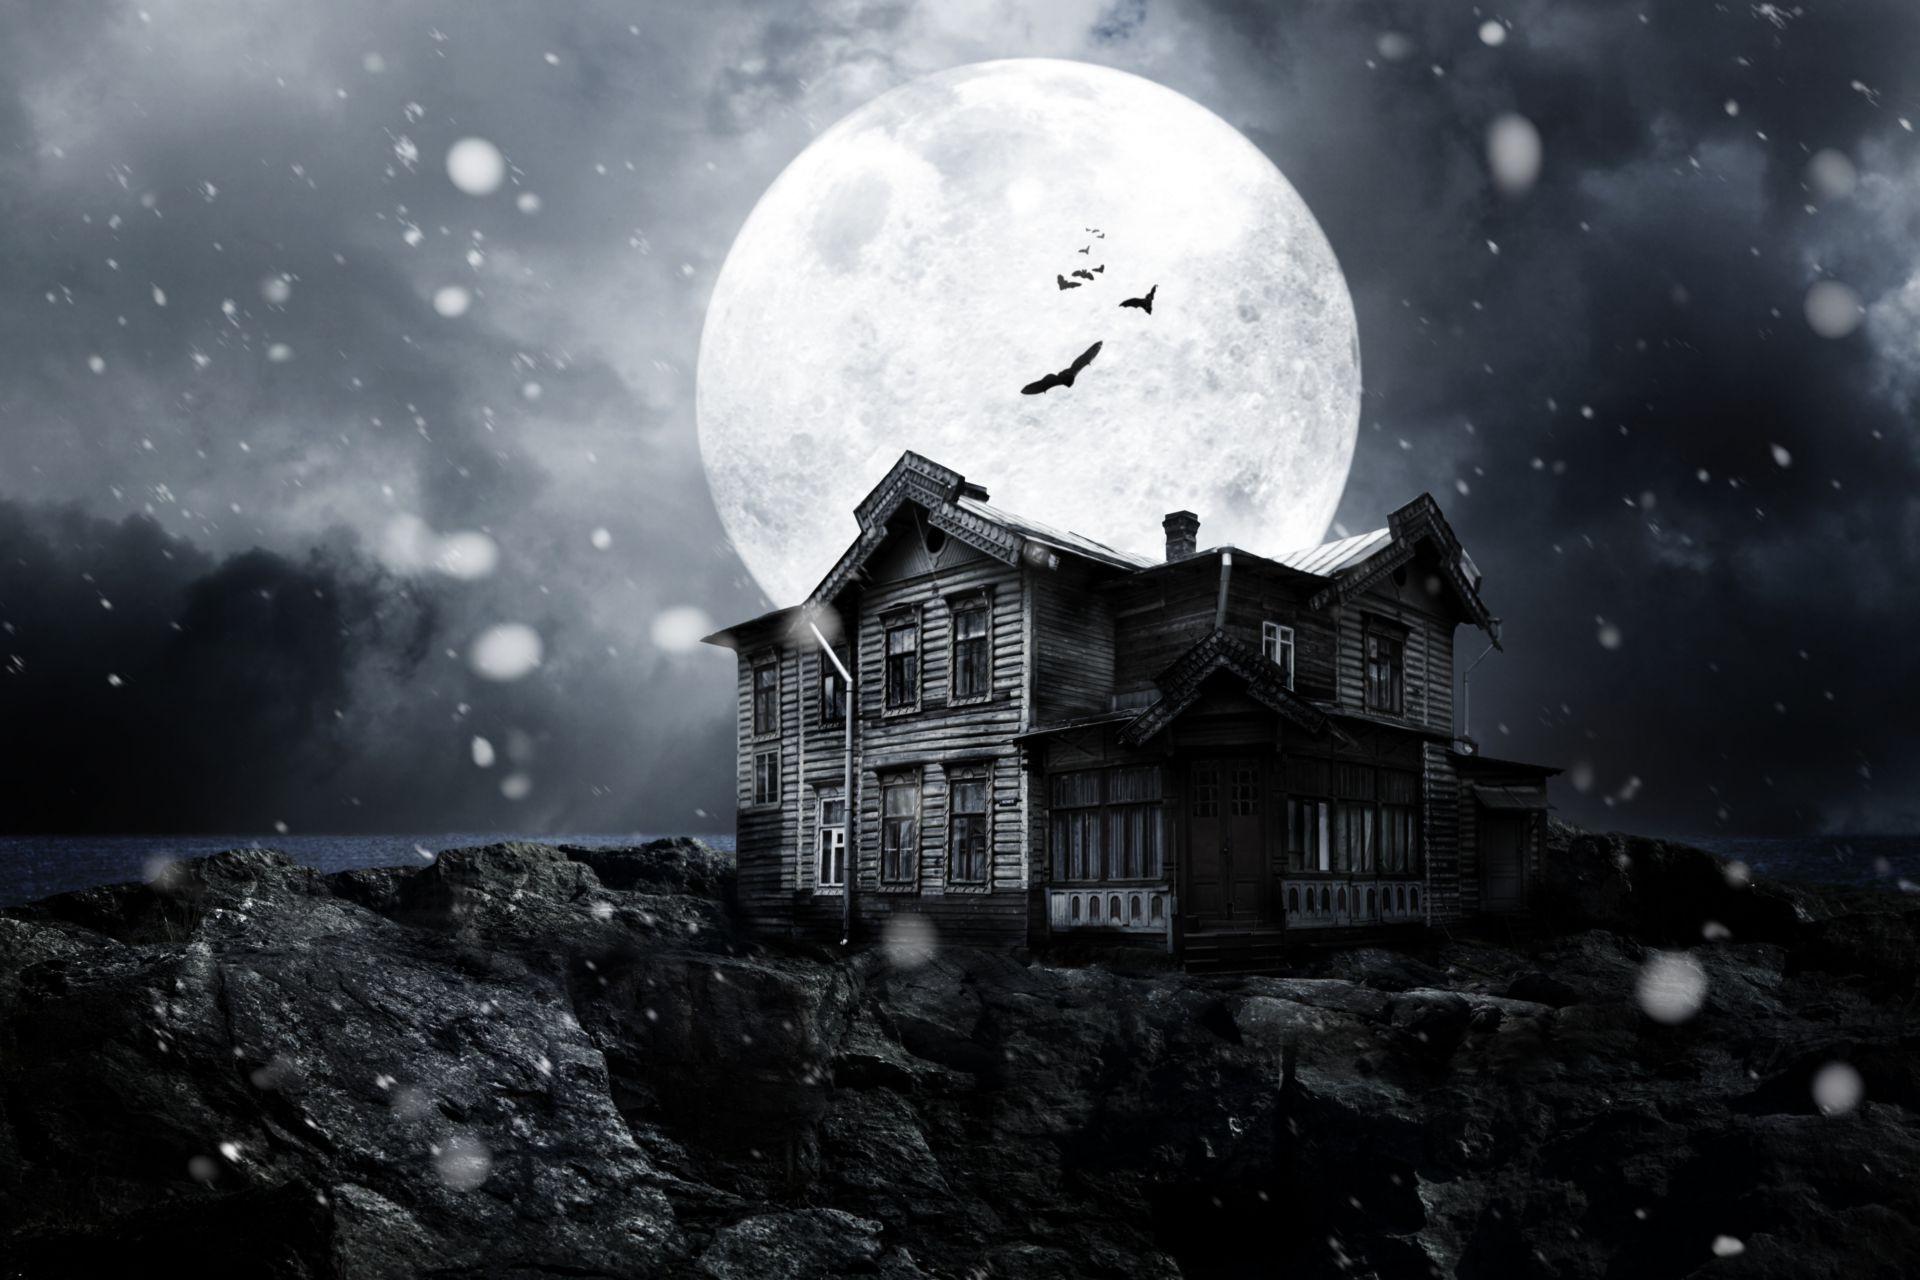 Haunted House Night Bats Full Moon Midnight Moonlight